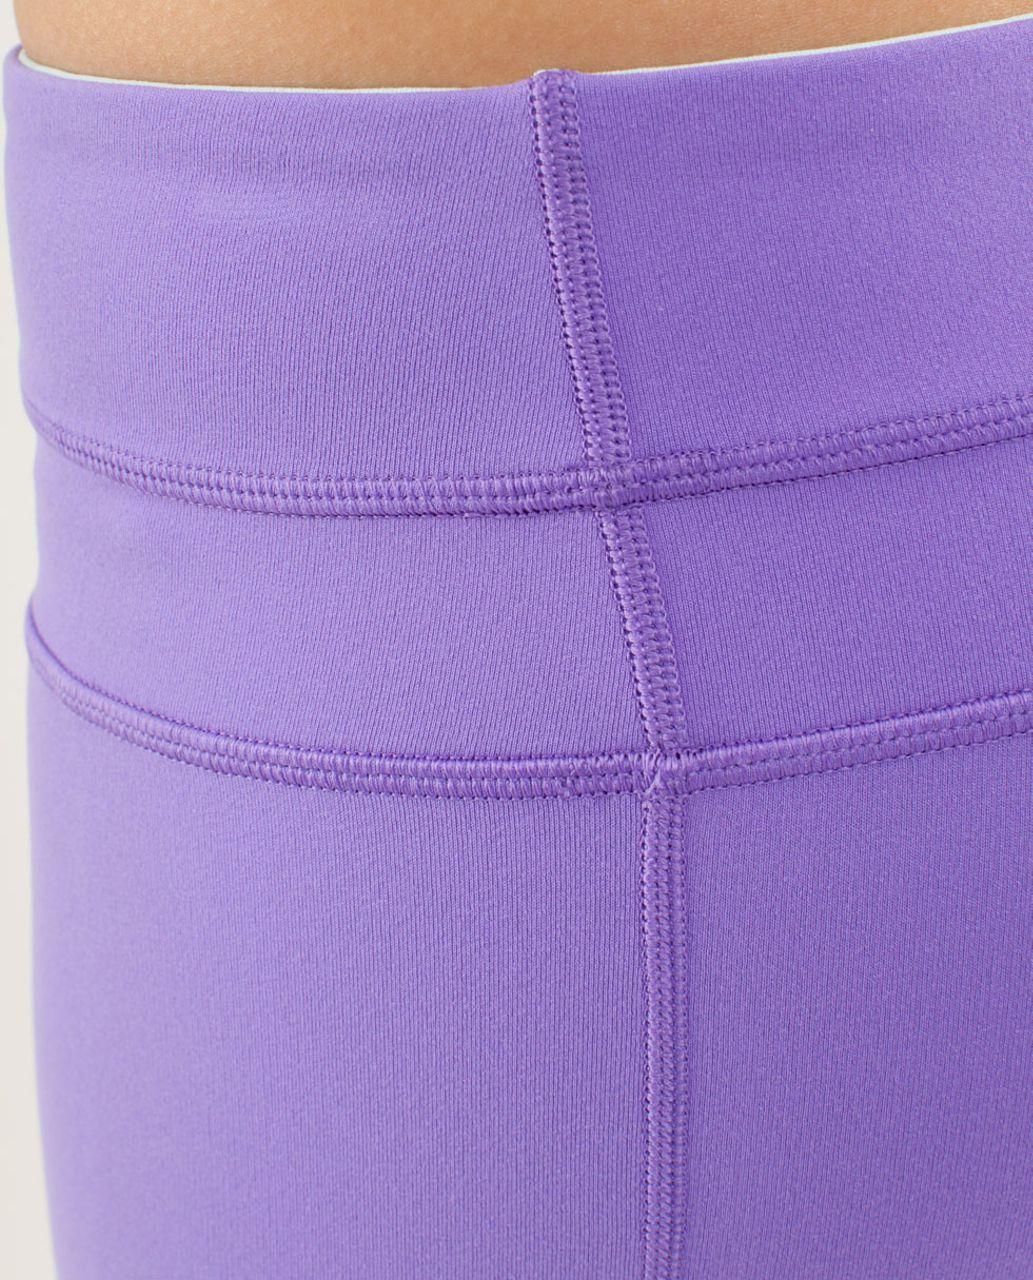 Lululemon Groove Pant *Reversible (Regular) - Power Purple / Aquamarine